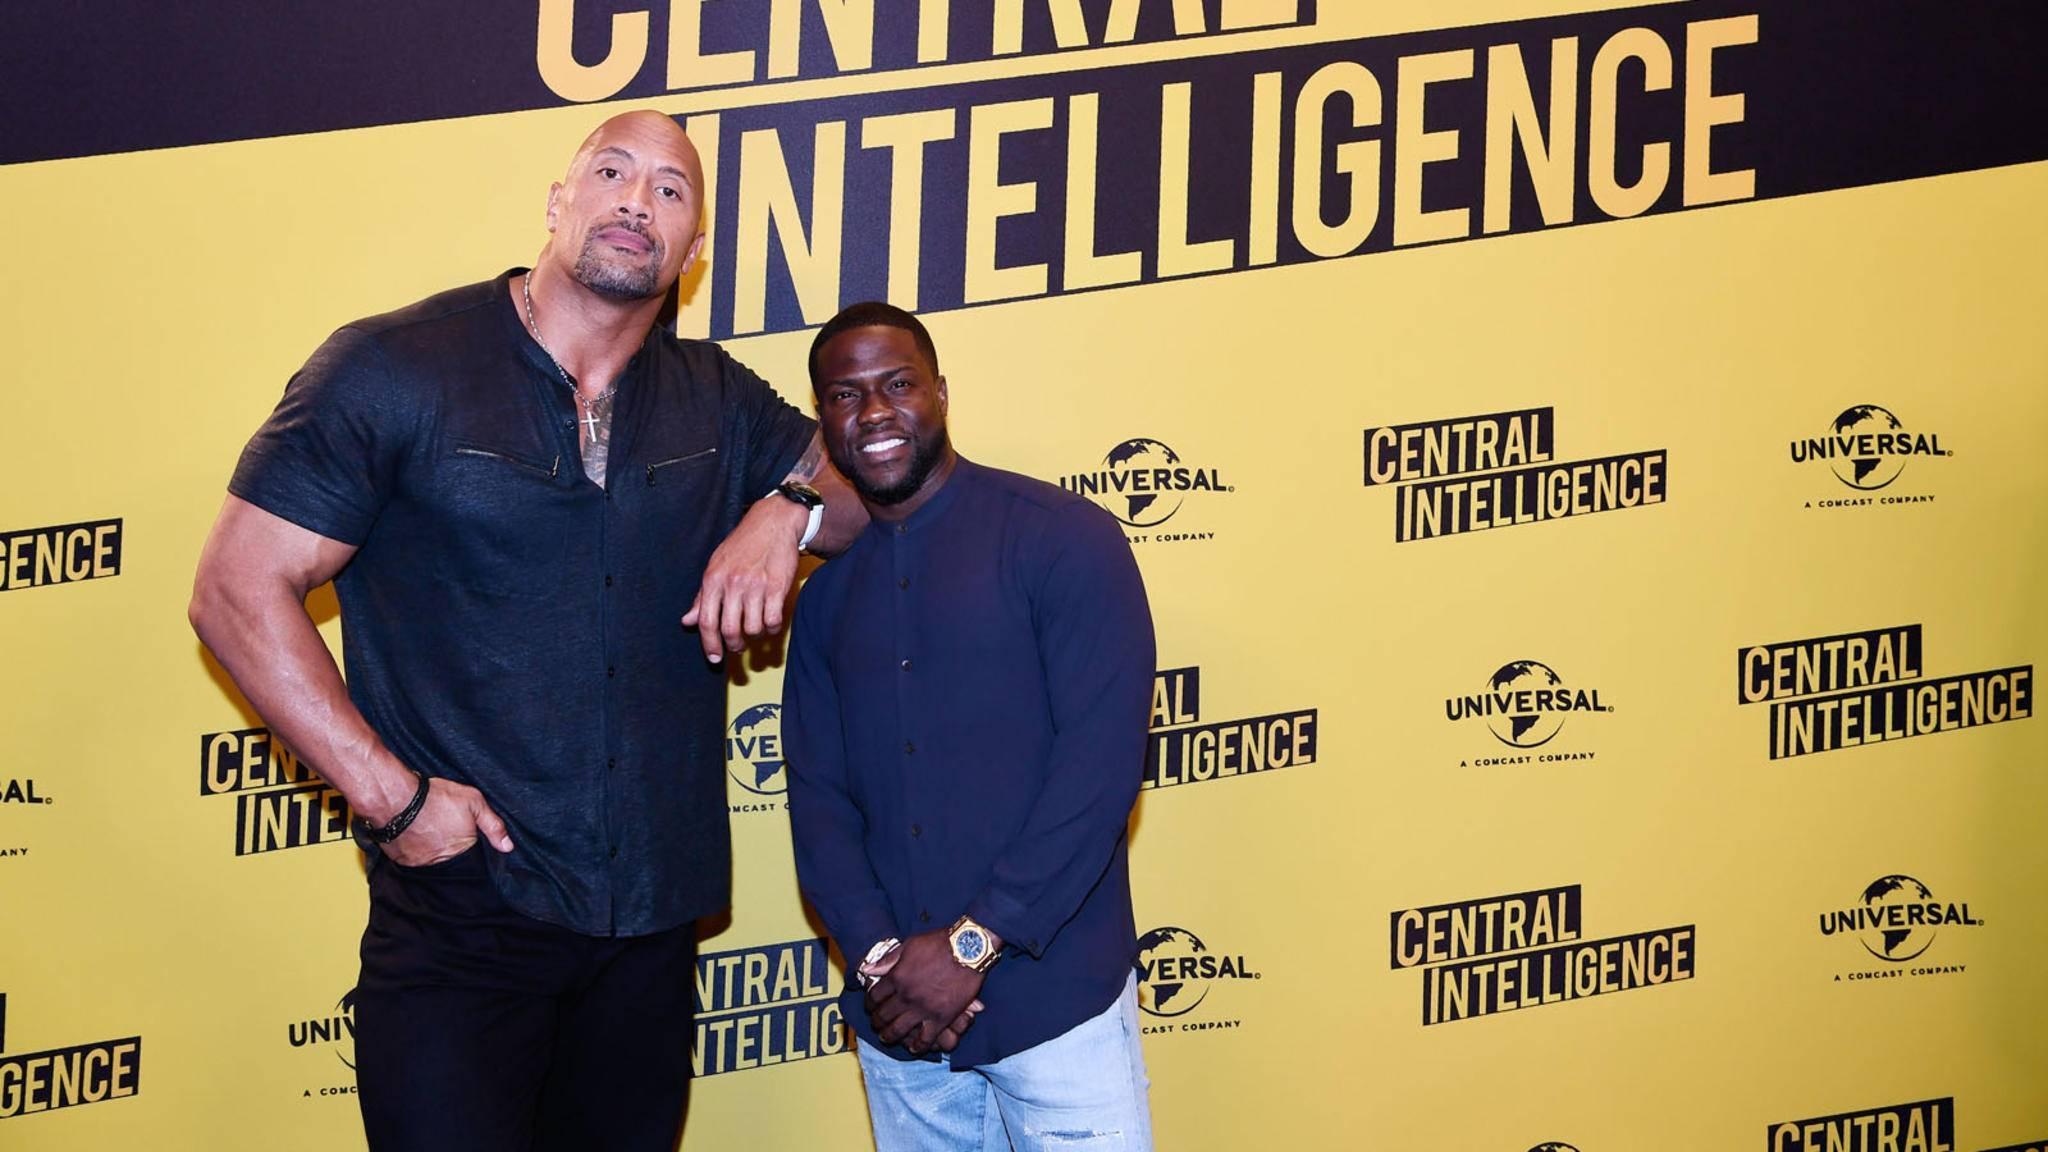 Dwayne Johnson (links im Bild) und Kevin Hart (rechts) sind ein echtes Hollywood-Dreamteam.